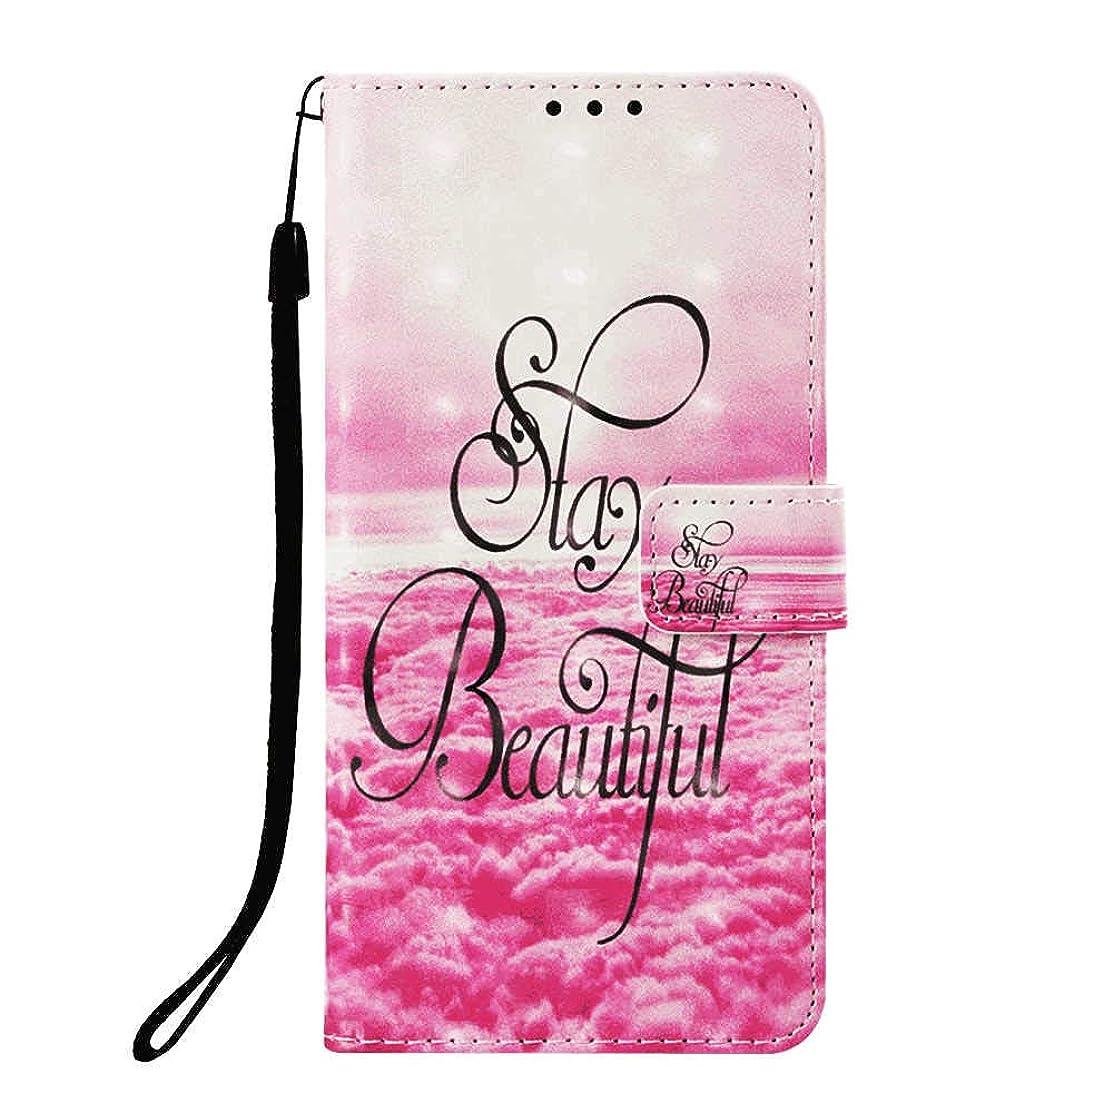 部屋を掃除するセマフォロンドンiPhone 8 Plus プラス レザー ケース, 手帳型 アイフォン 8 Plus プラス 本革 カバー収納 高級 ビジネス スマホケース 財布 無料付スマホ防水ポーチIPX8 ブラック3